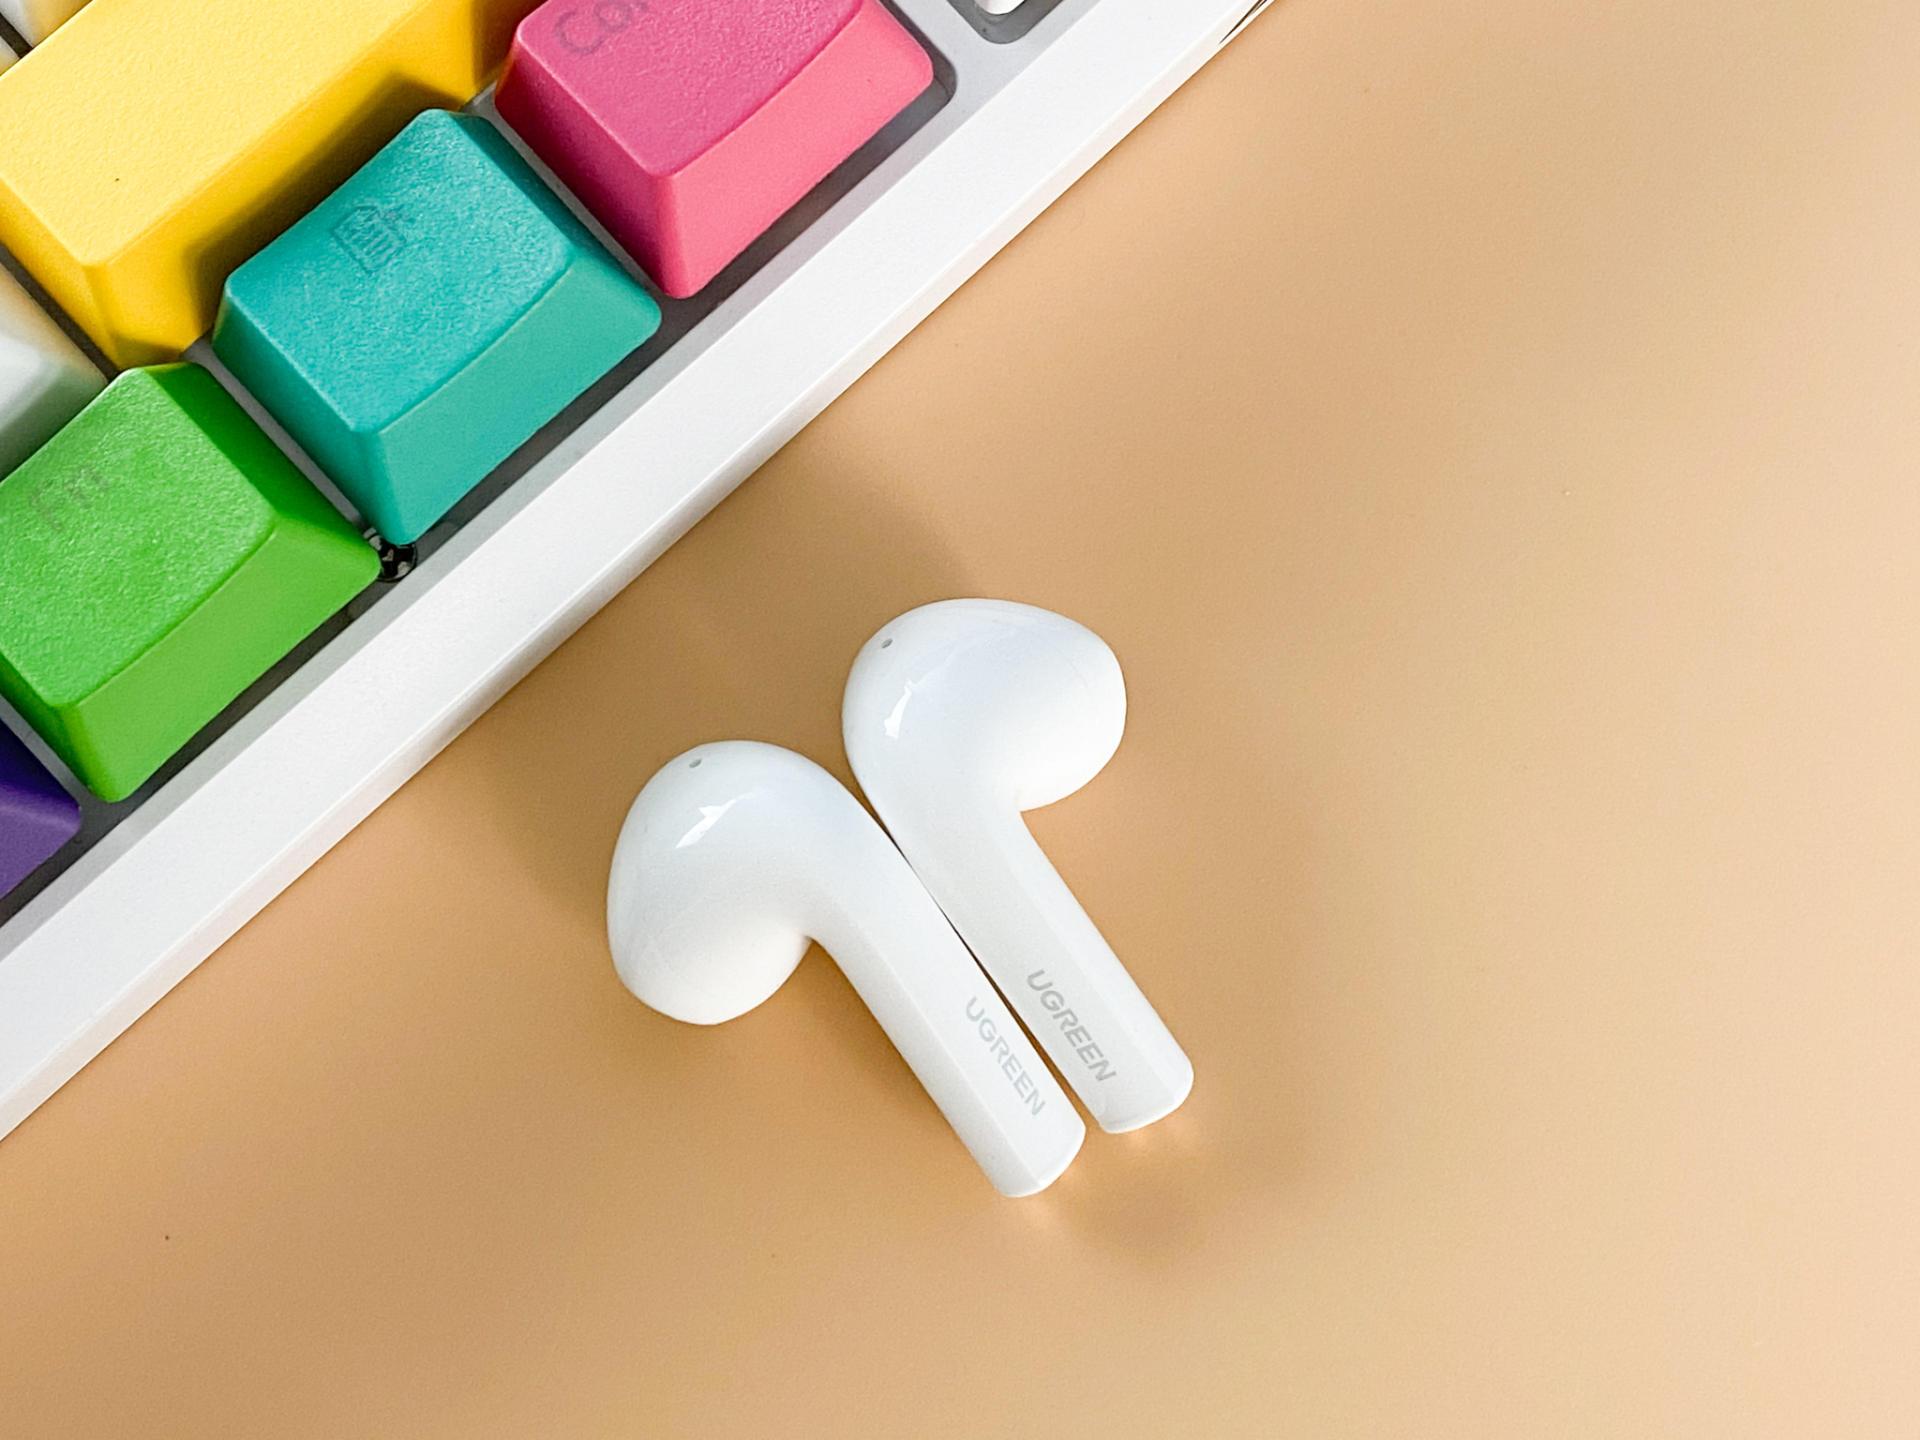 開學必備藍牙耳機,百元媲美AirPods?綠聯小海豚真無線藍牙耳機